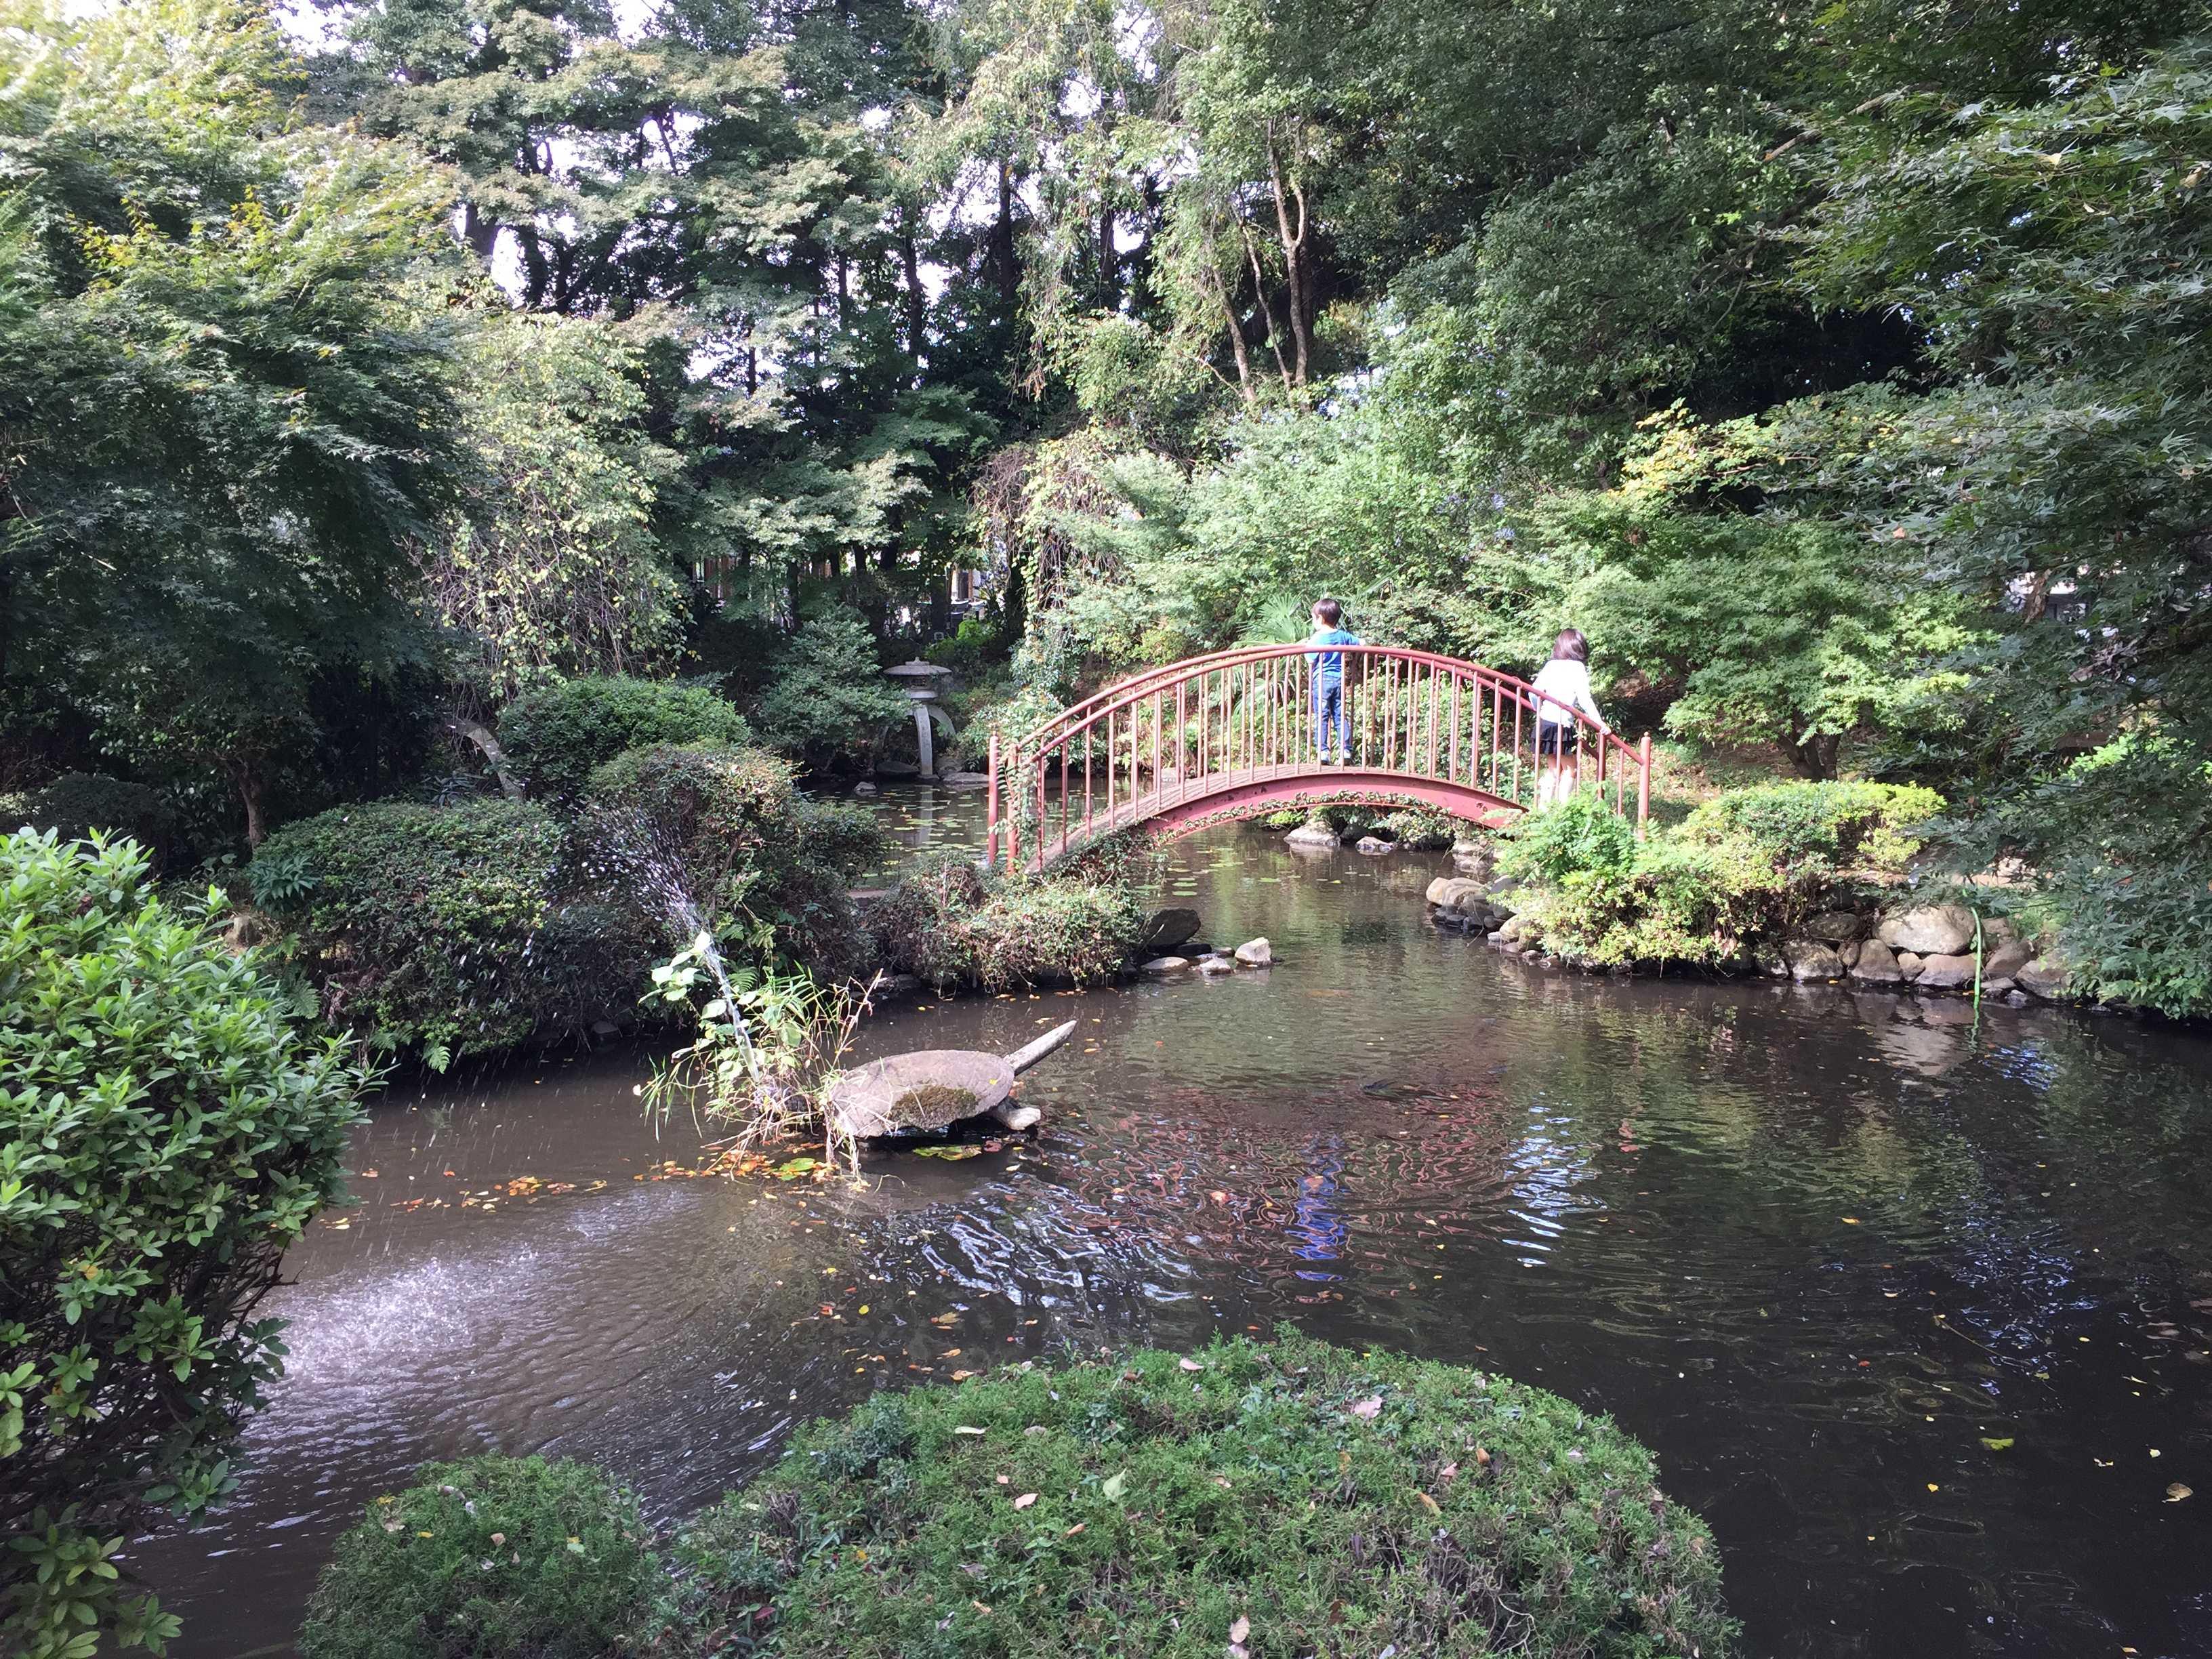 無量光寺 - 御影の池の太鼓橋